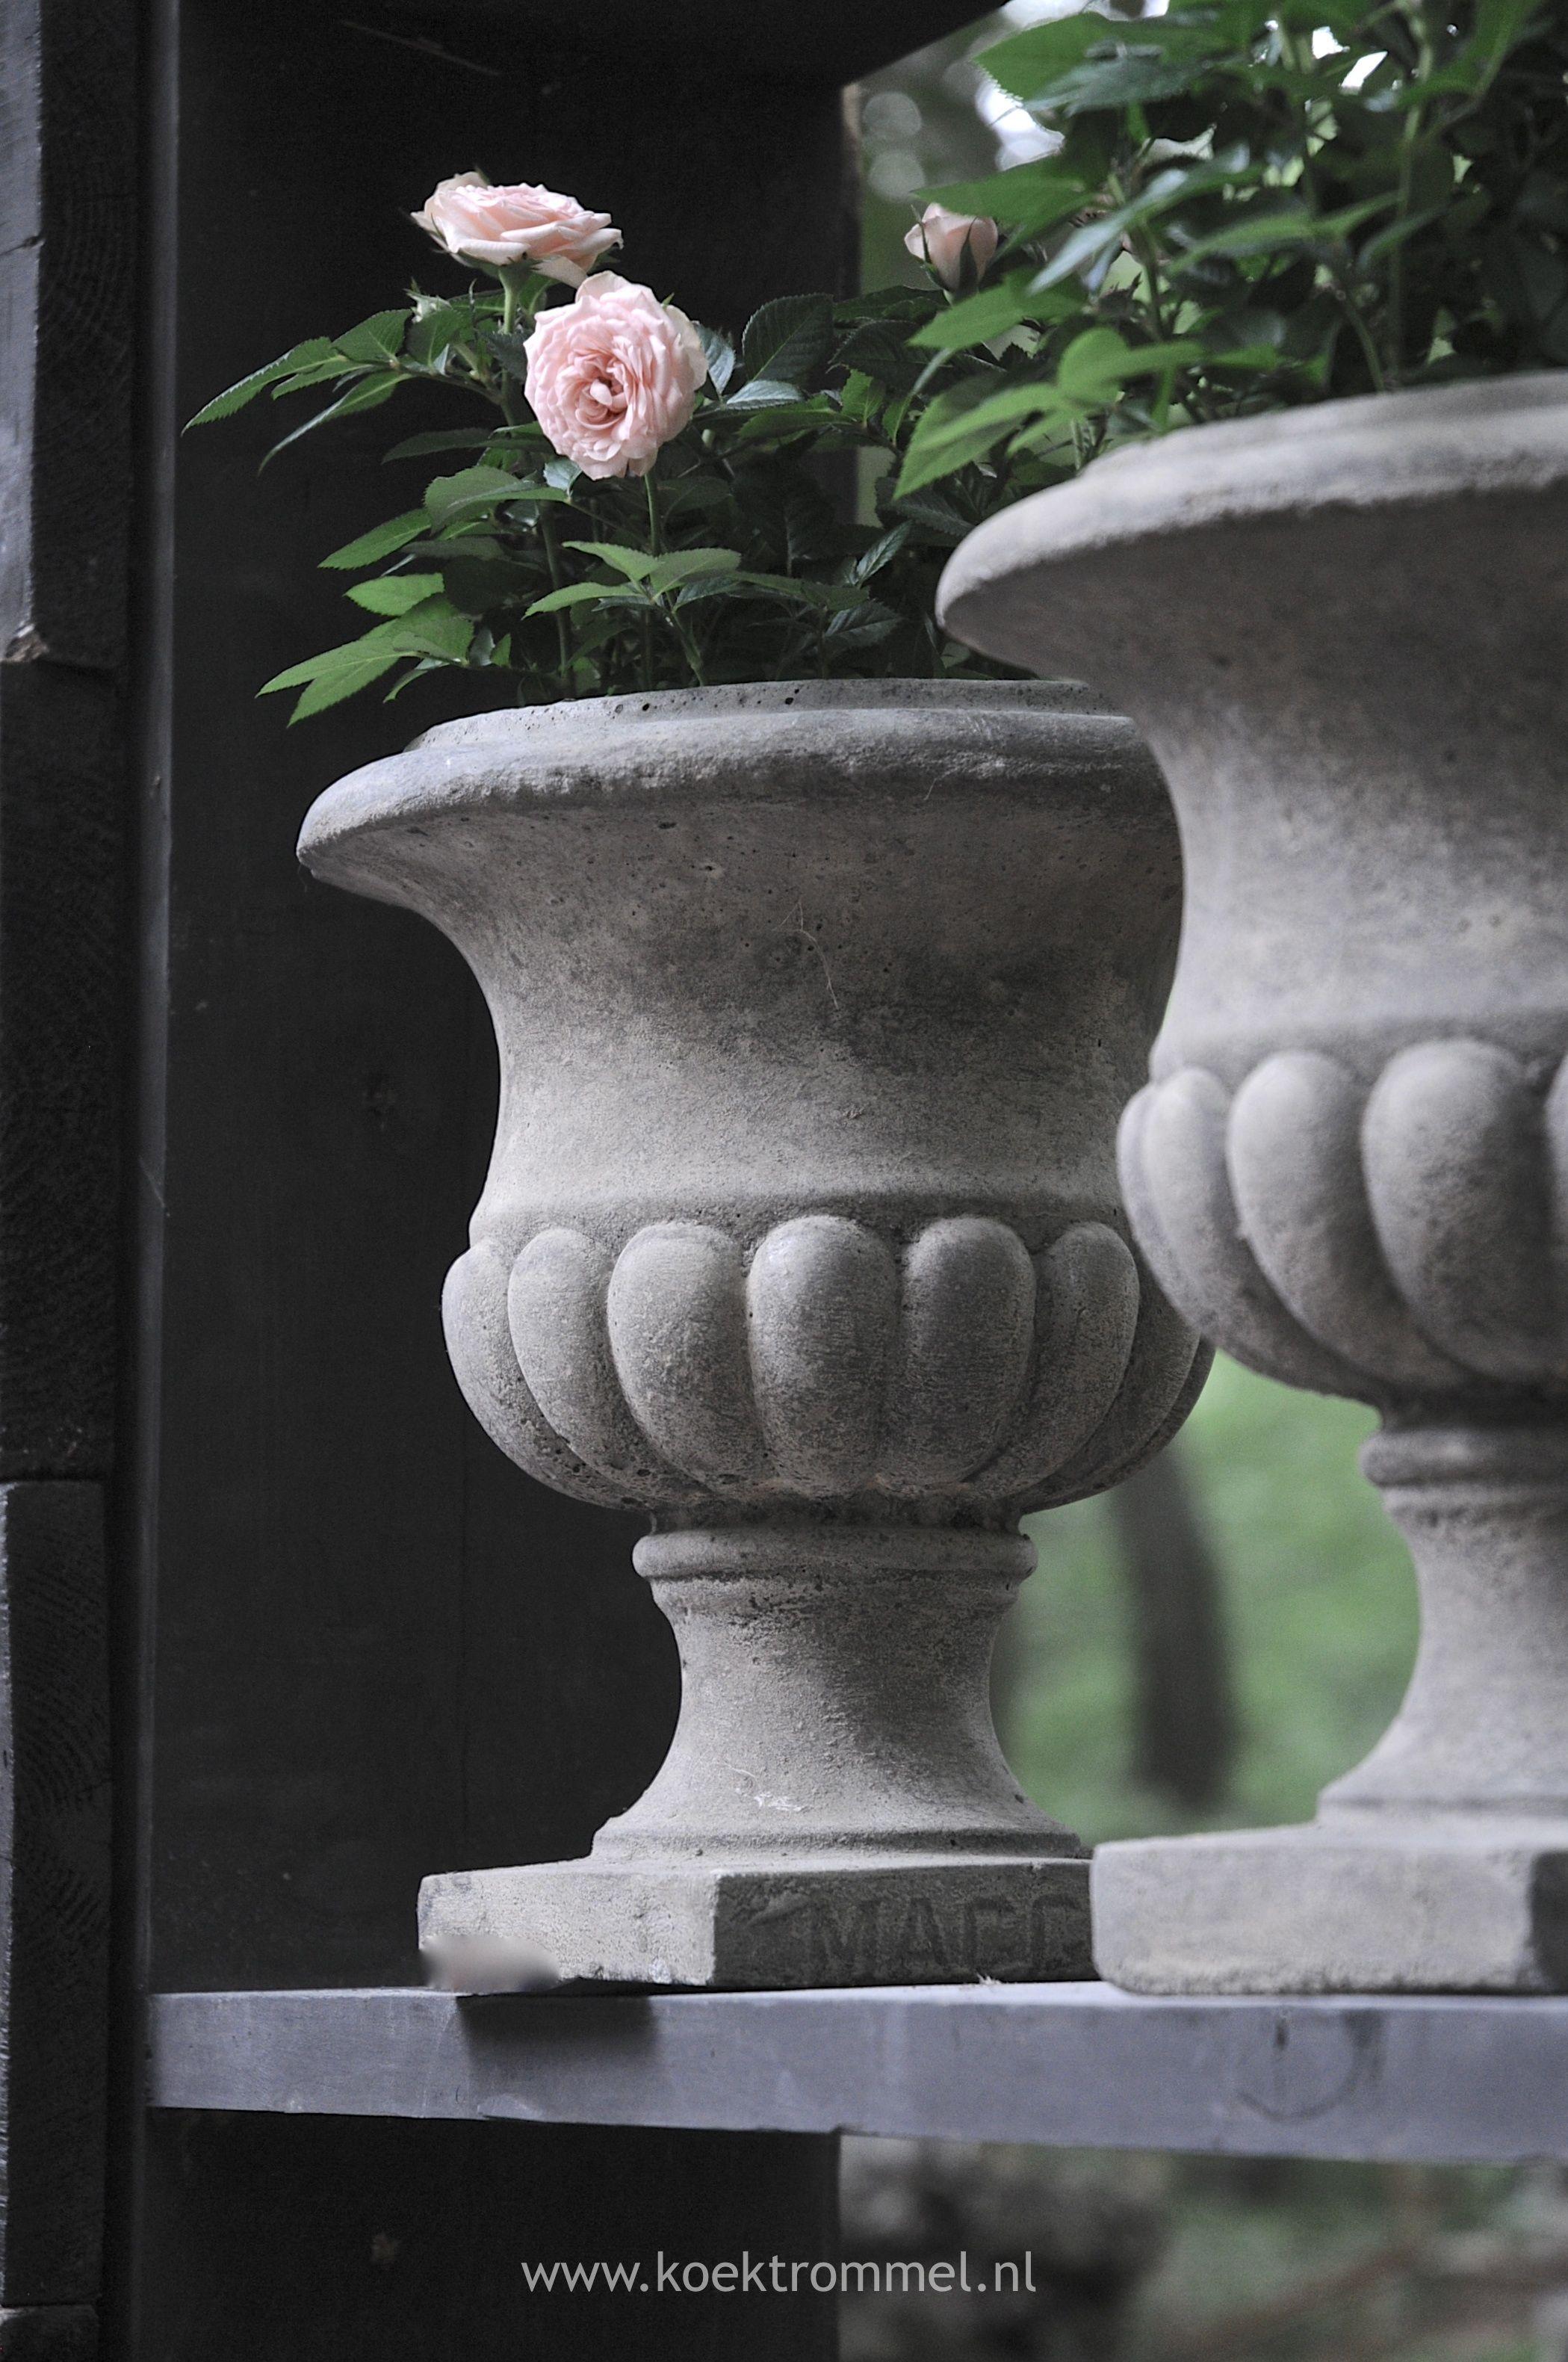 Tuinvaas naar antieke mal tuin pinterest tuinbeelden buitenleven en vazen - Ideeen deco blijven ...